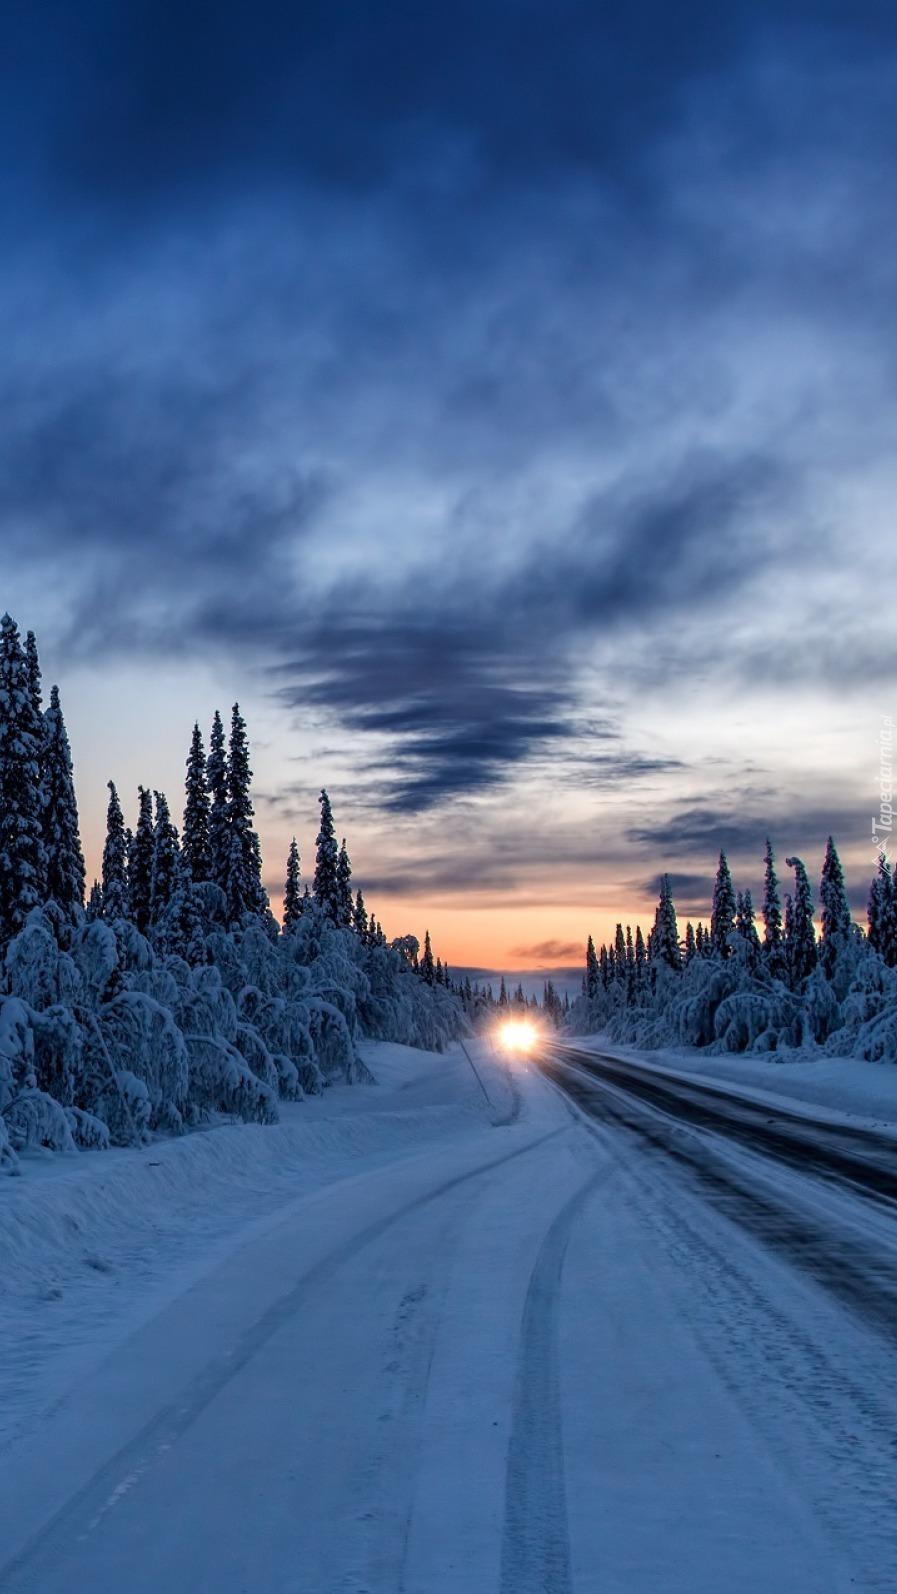 Światła samochodu na drodze w zimowym lesie